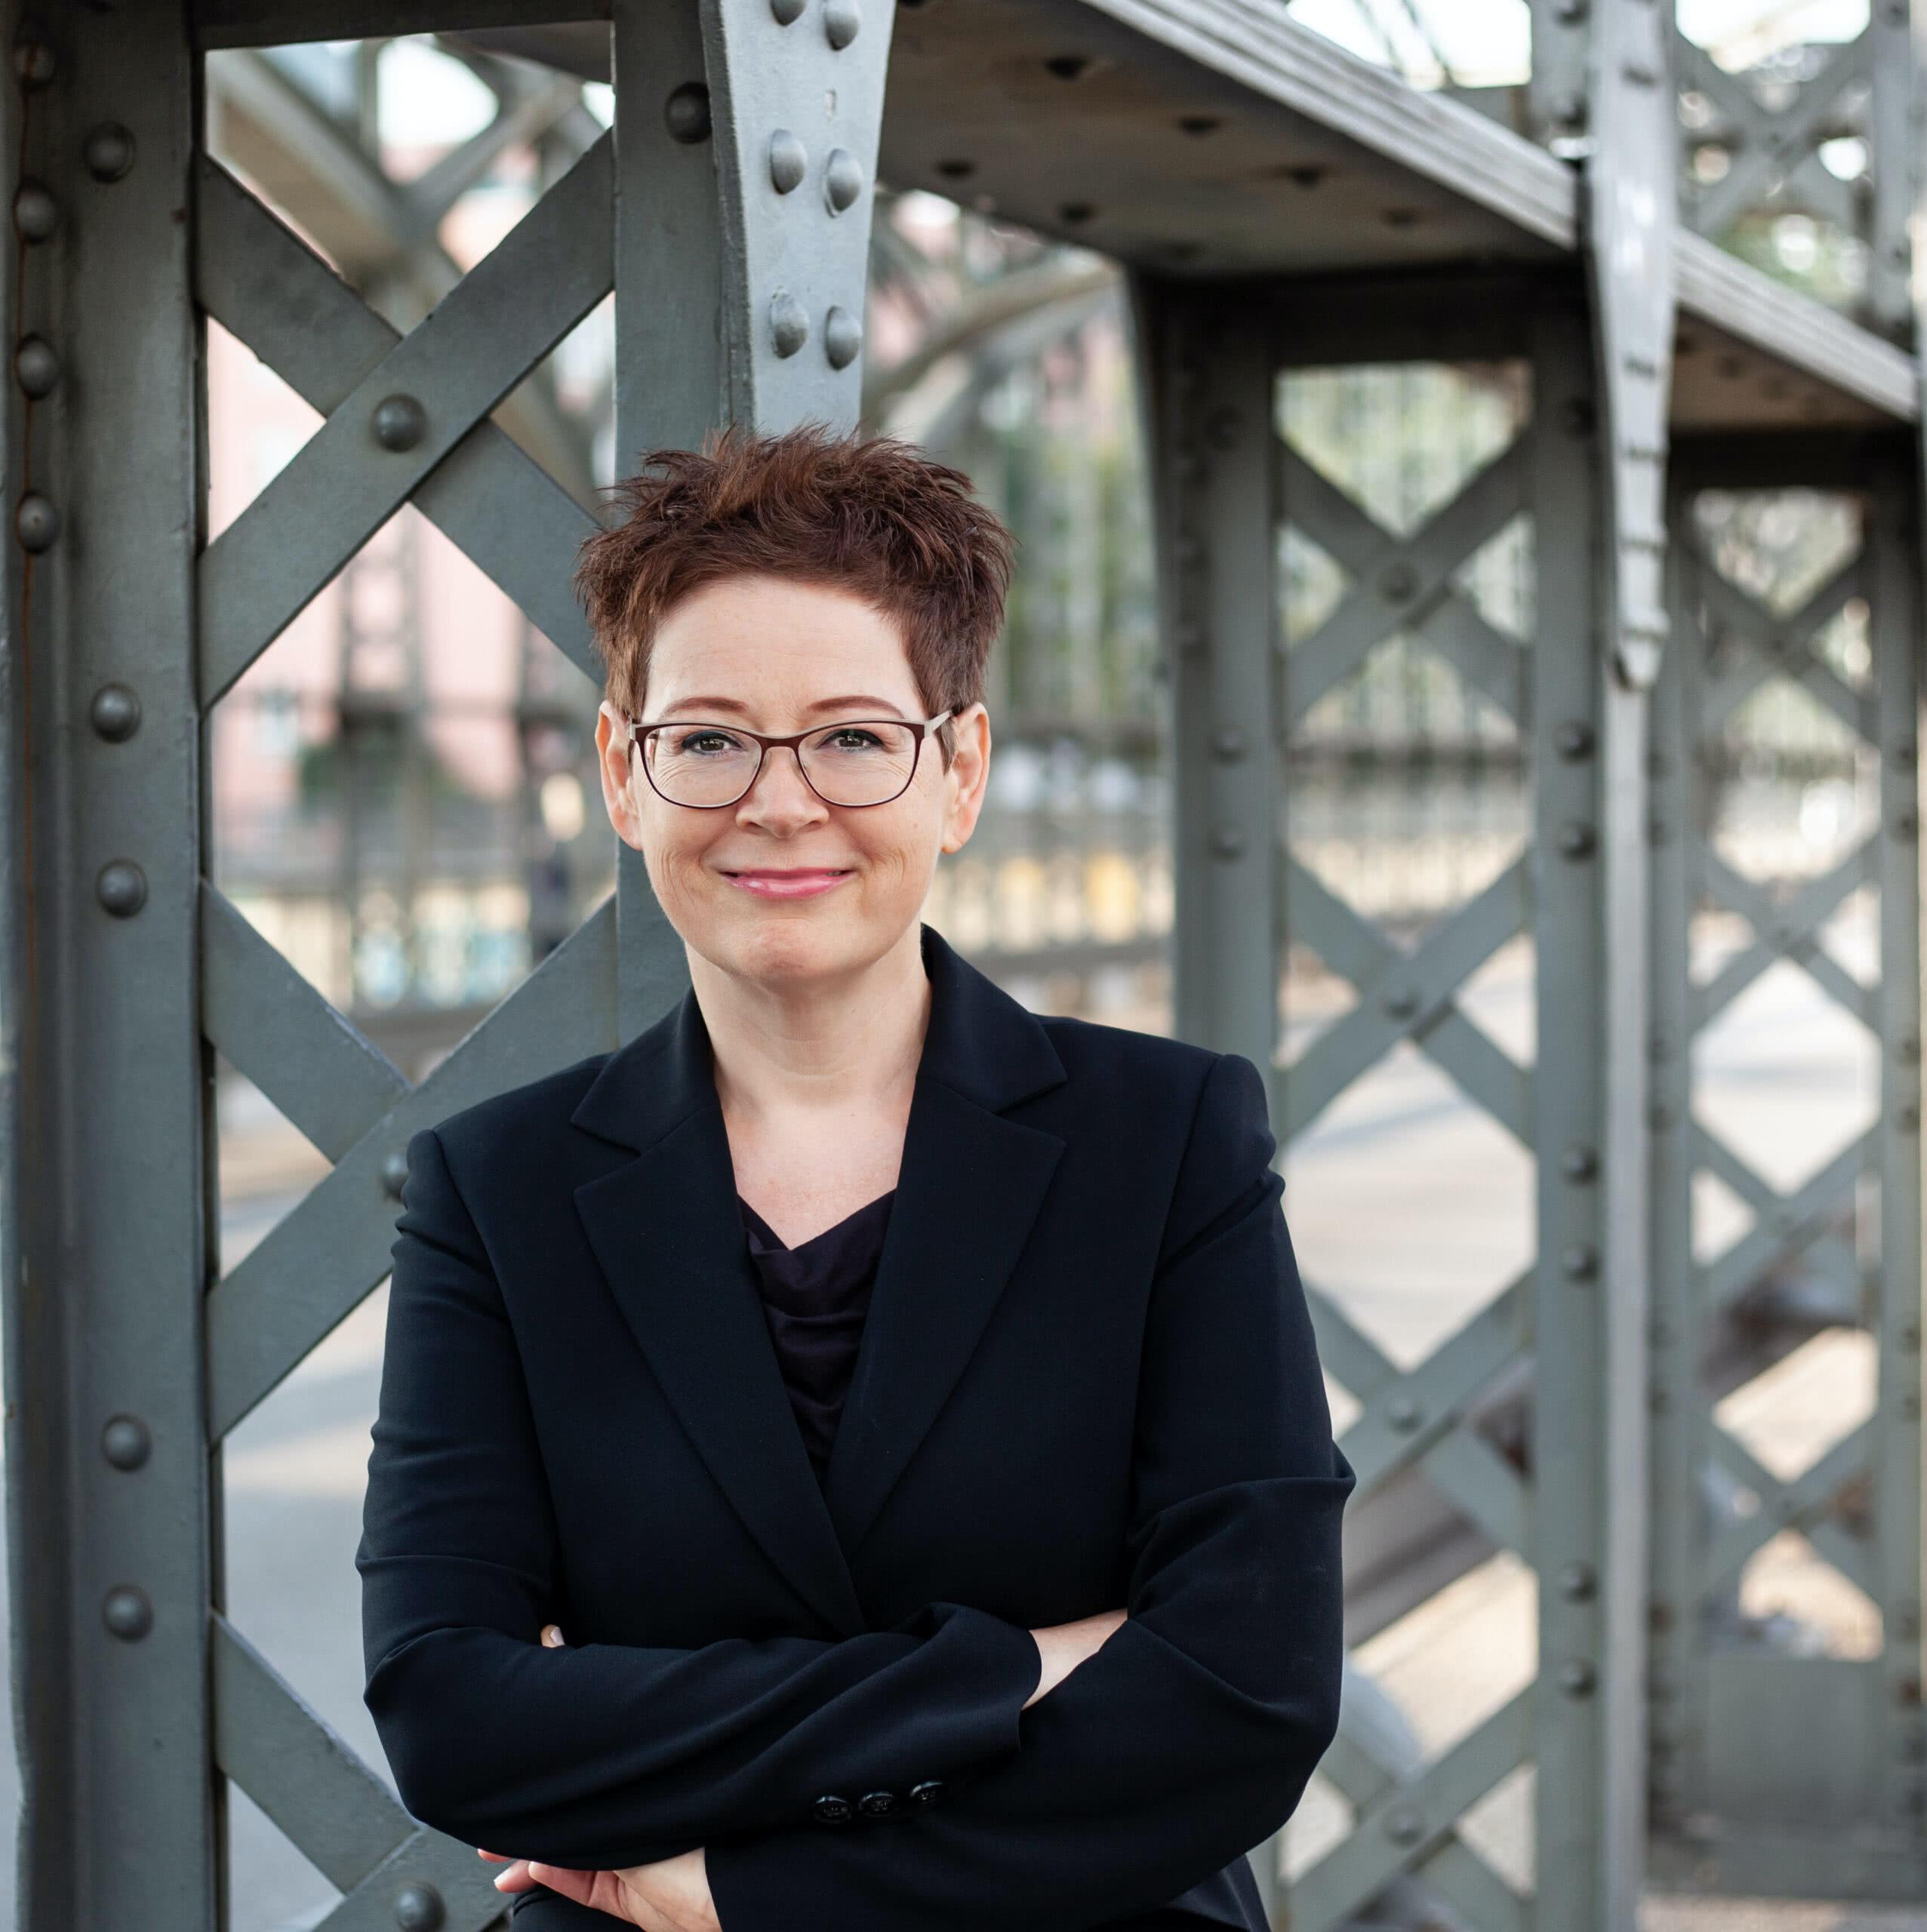 Dr. Steffi Katz